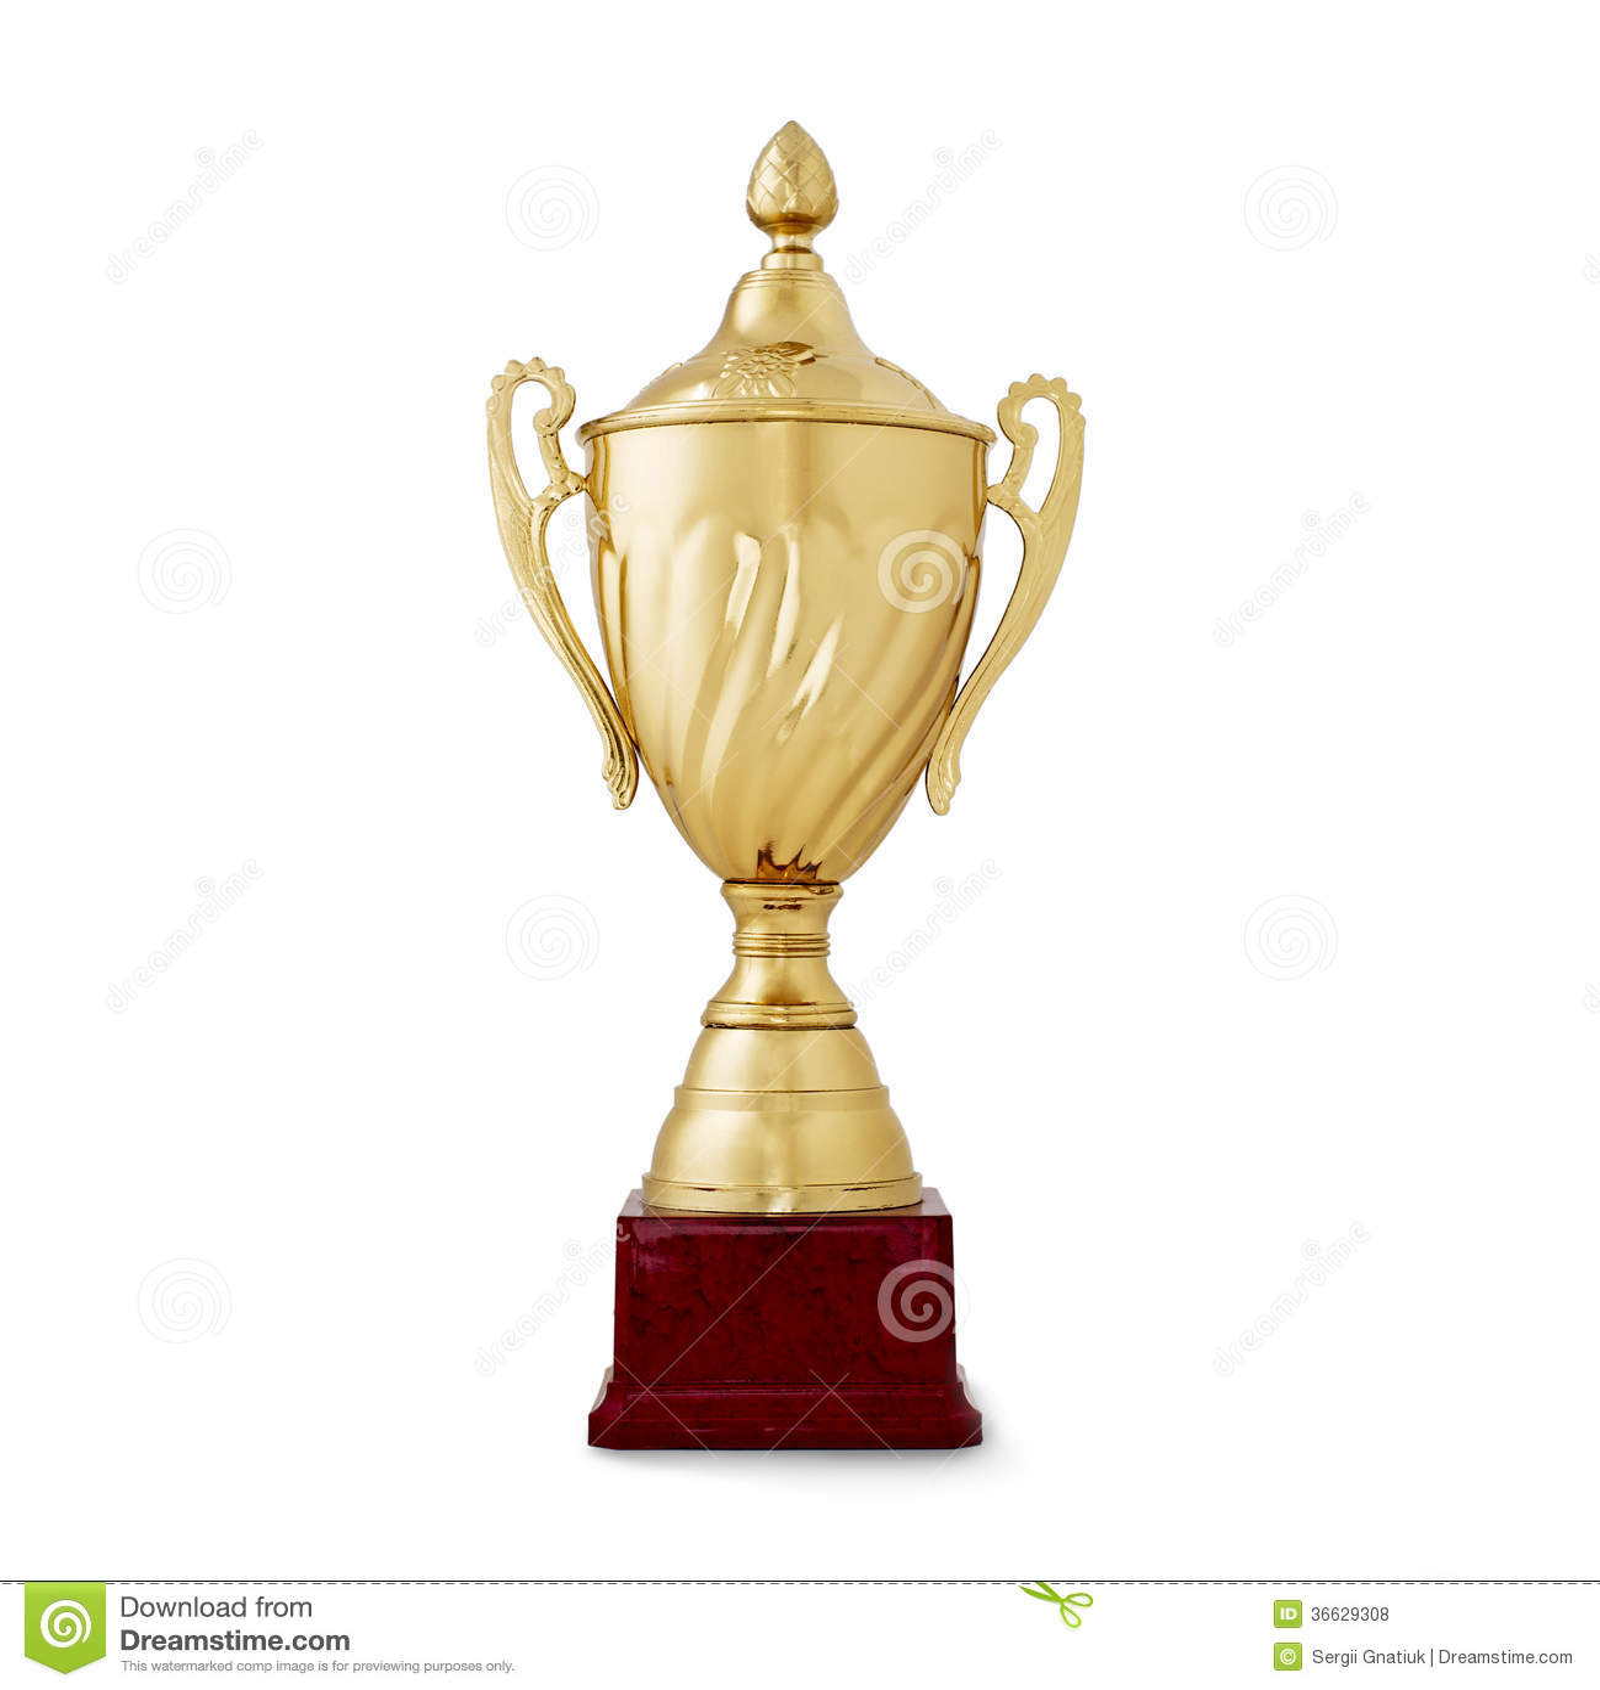 Tazza brillante dorata, ricompensa per il vincitore, su bianco